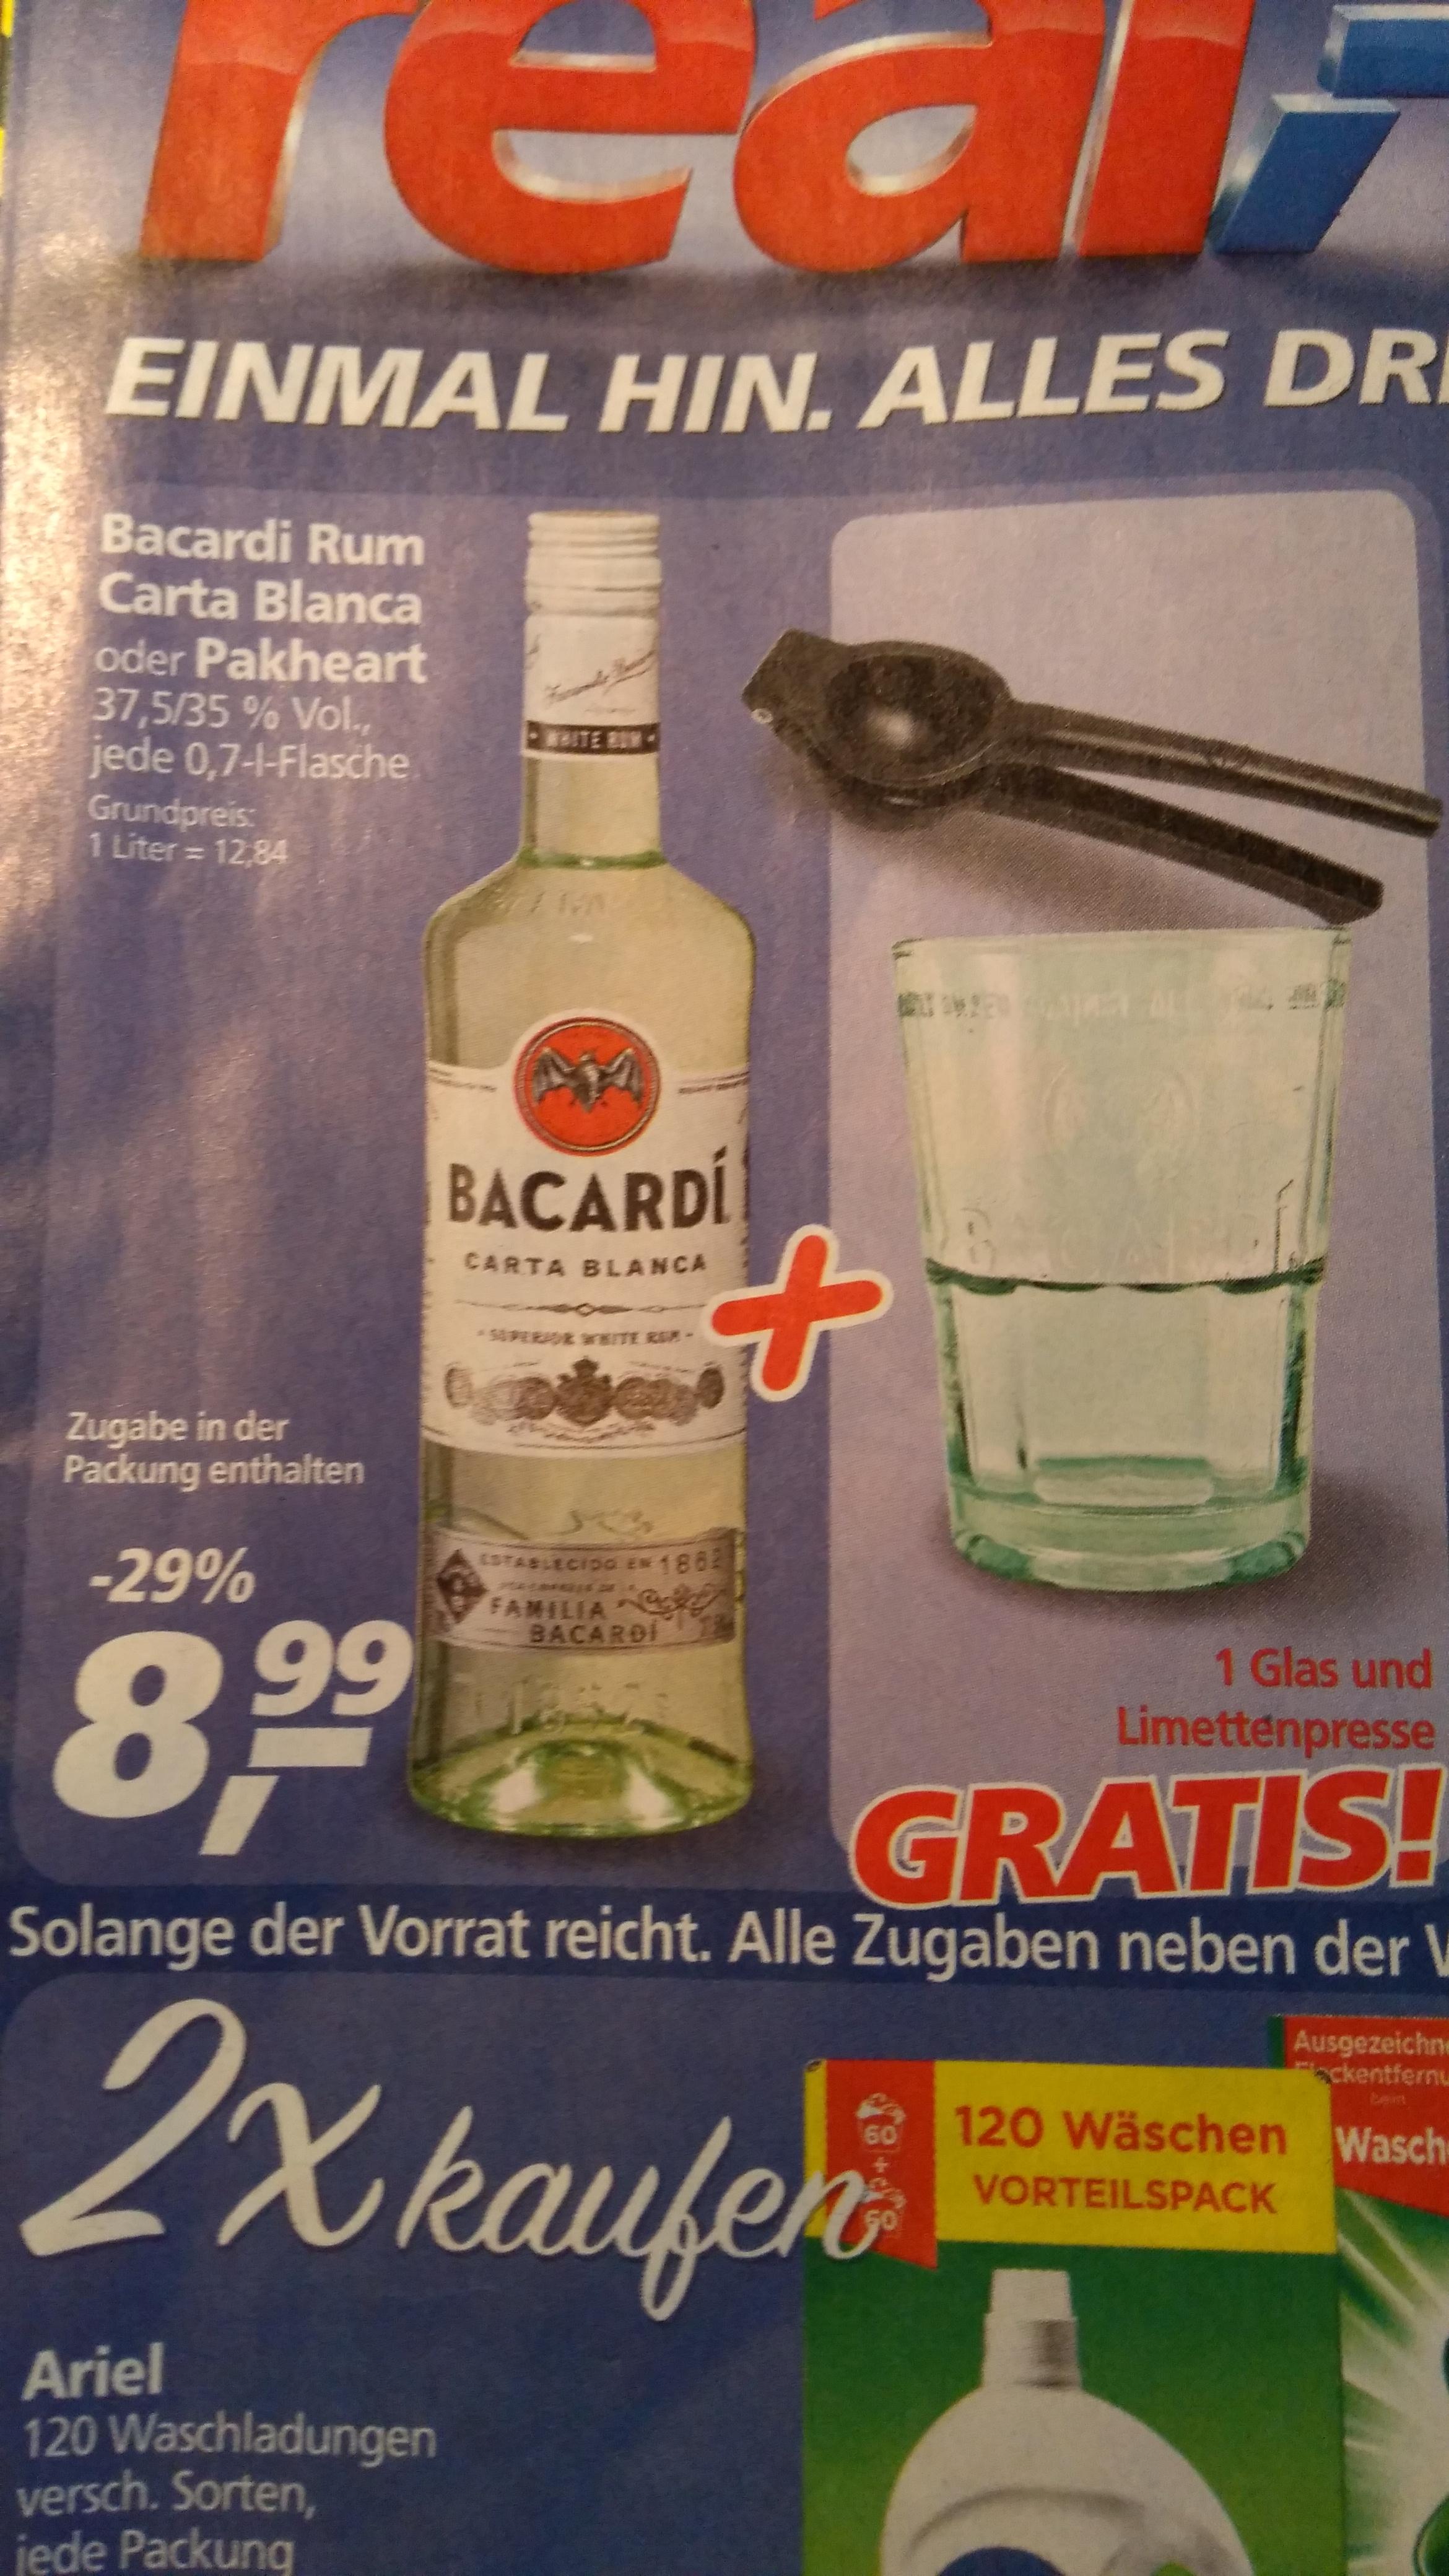 [,-real bundesweit] Bacardi Rum + Gratis Glas und Limettenpresse für 8,99€